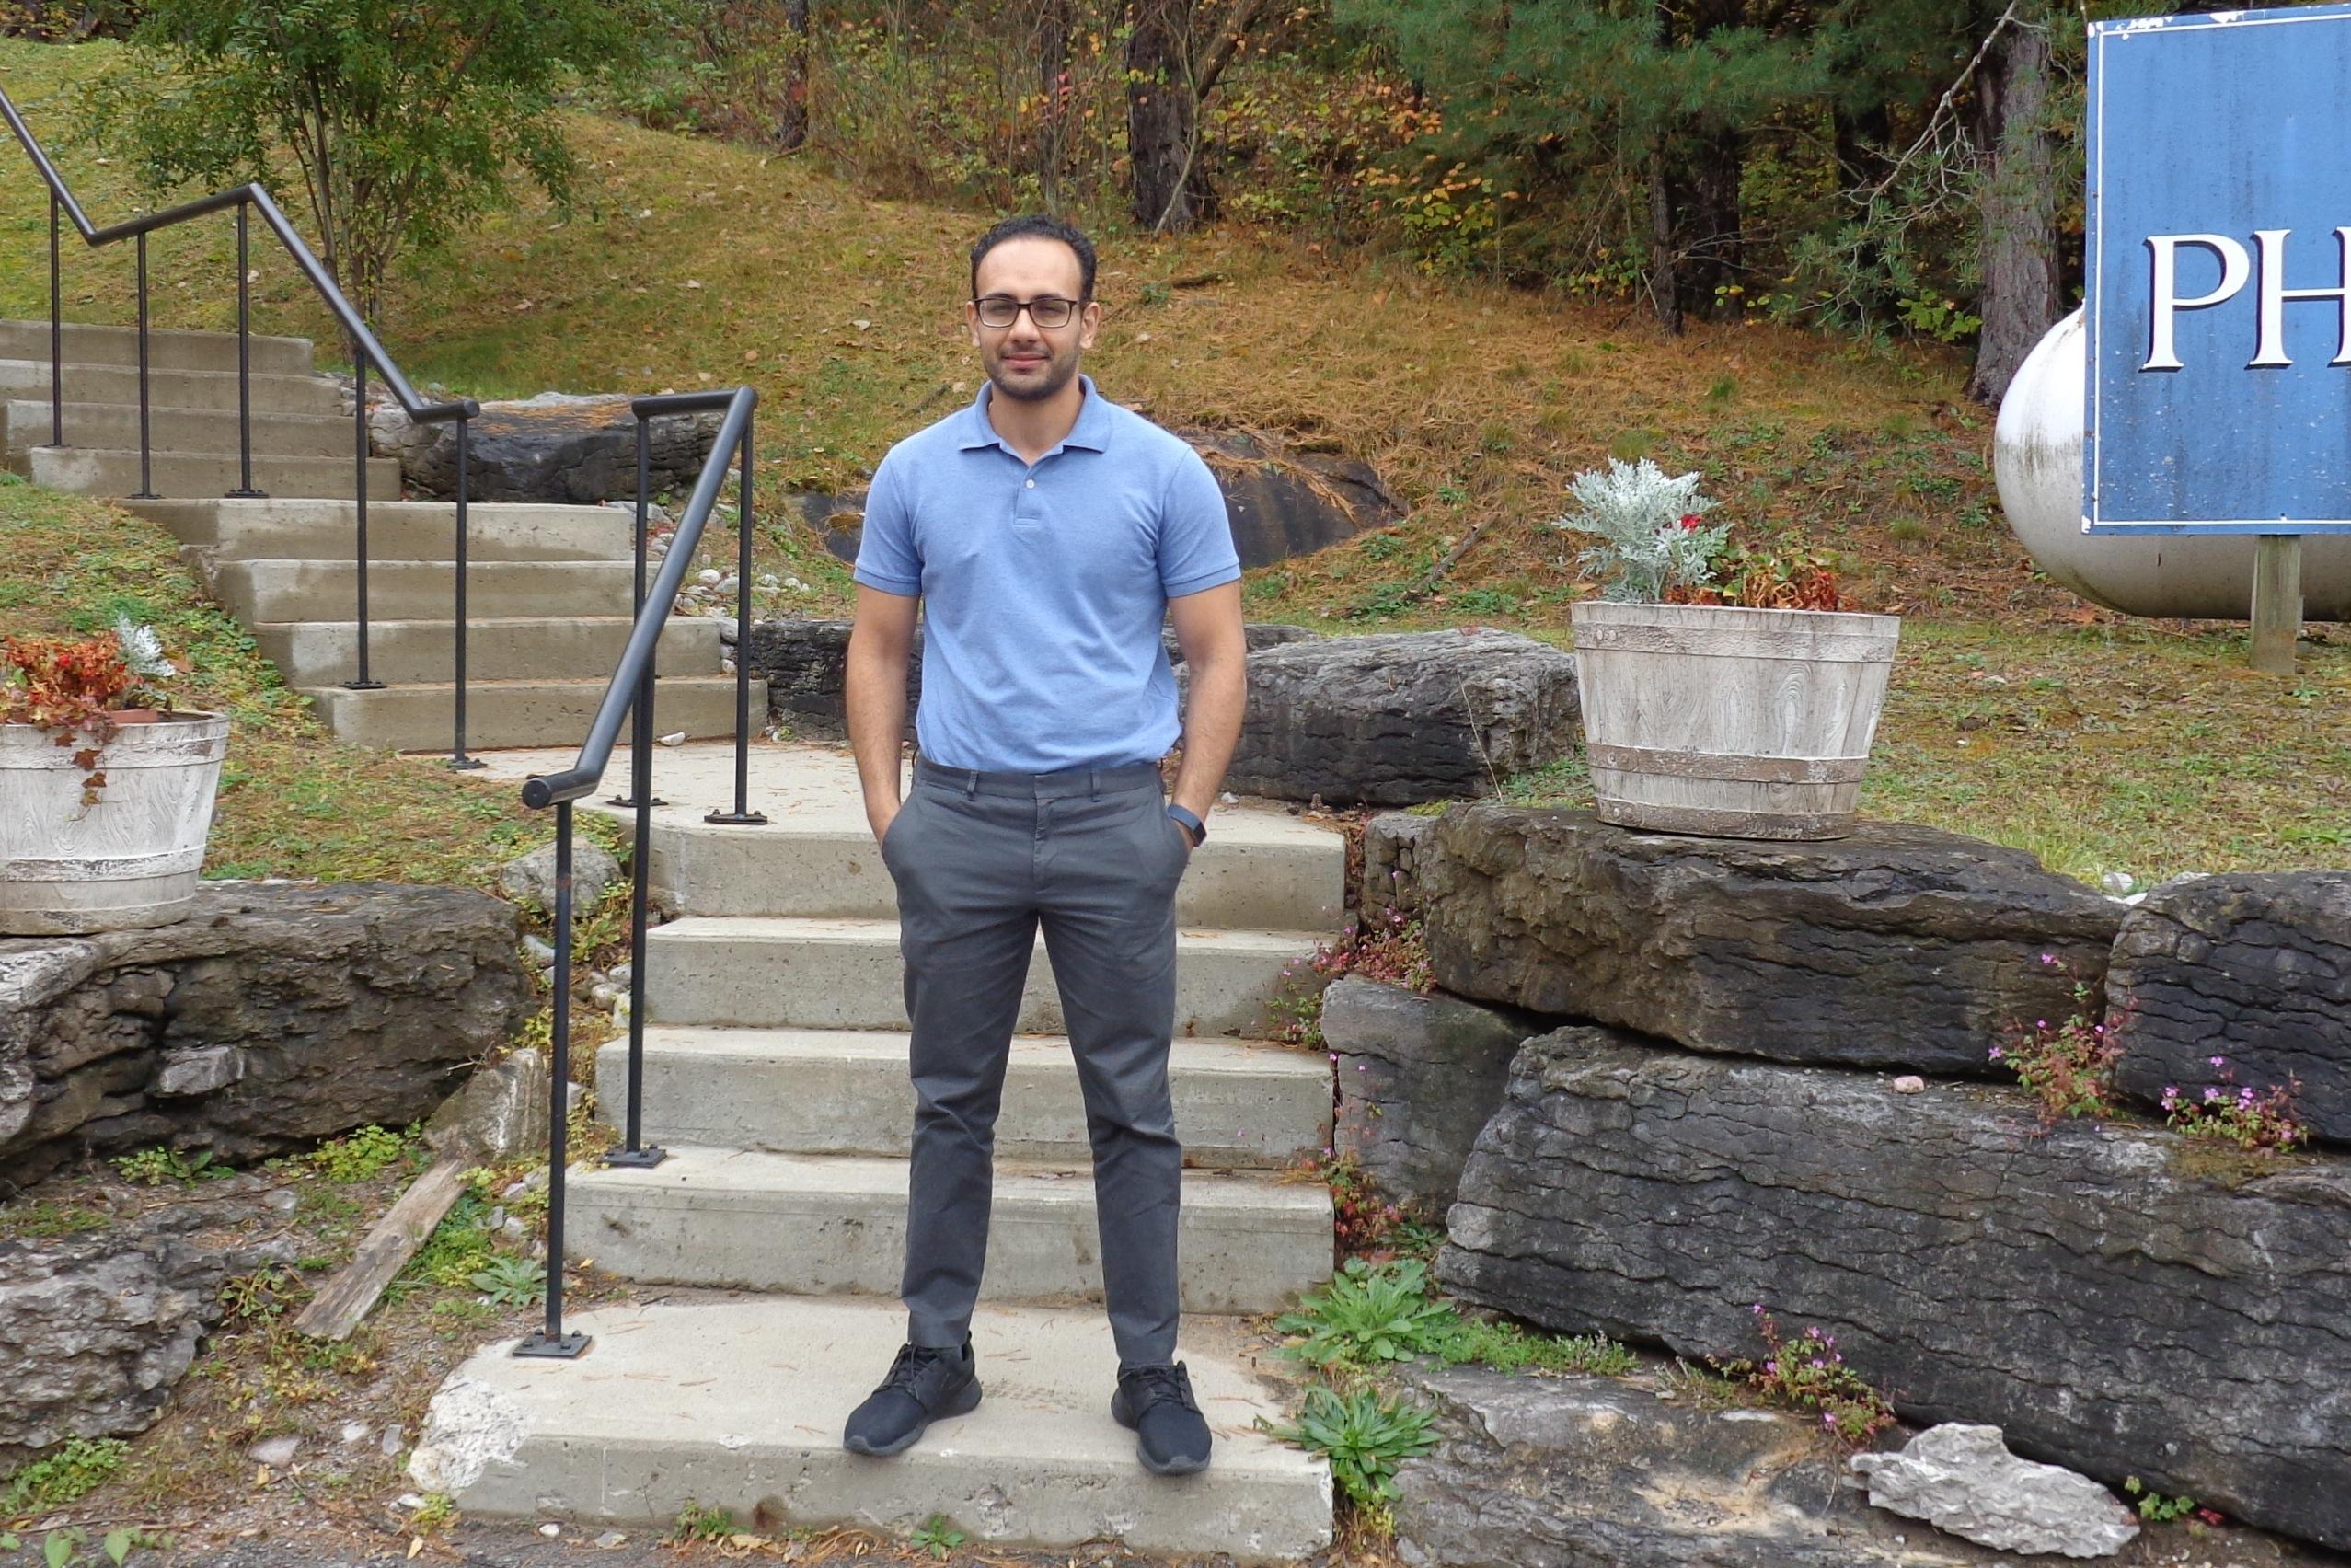 Sam Iskander, Pharmacist outside of KDHC